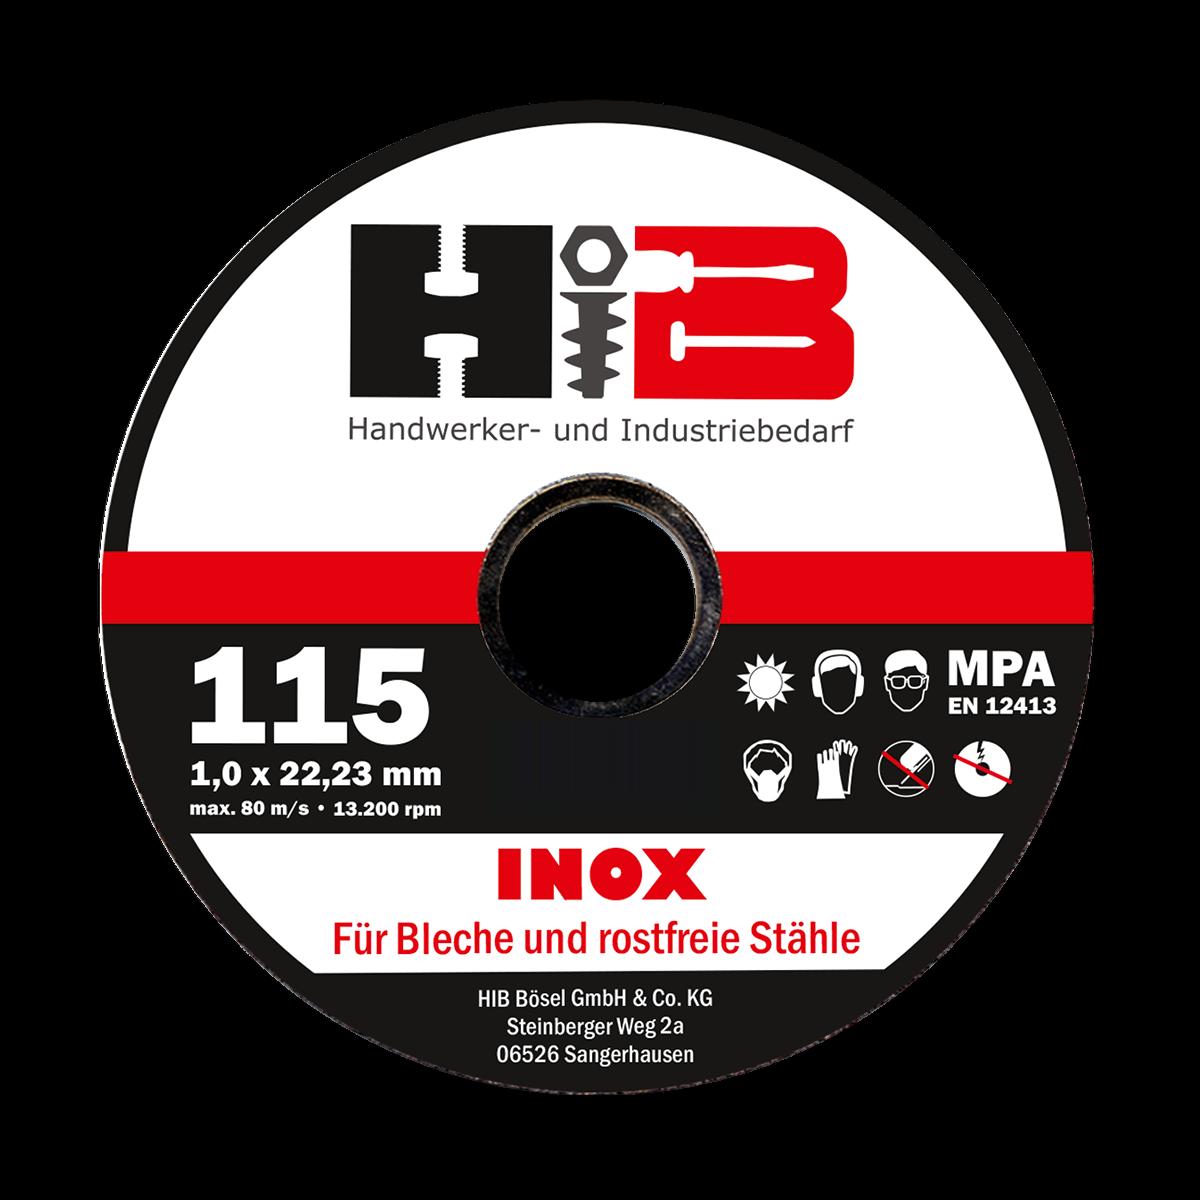 1mm HIB Profi Trennscheiben Trennscheibe für Metall wahlweise Ø 115mm und 125mm | Verwendet in der Haltbarkeit  | Großhandel  | Die erste Reihe von umfassenden Spezifikationen für Kunden  | Spielzeugwelt, spielen Sie Ihre eigene Welt